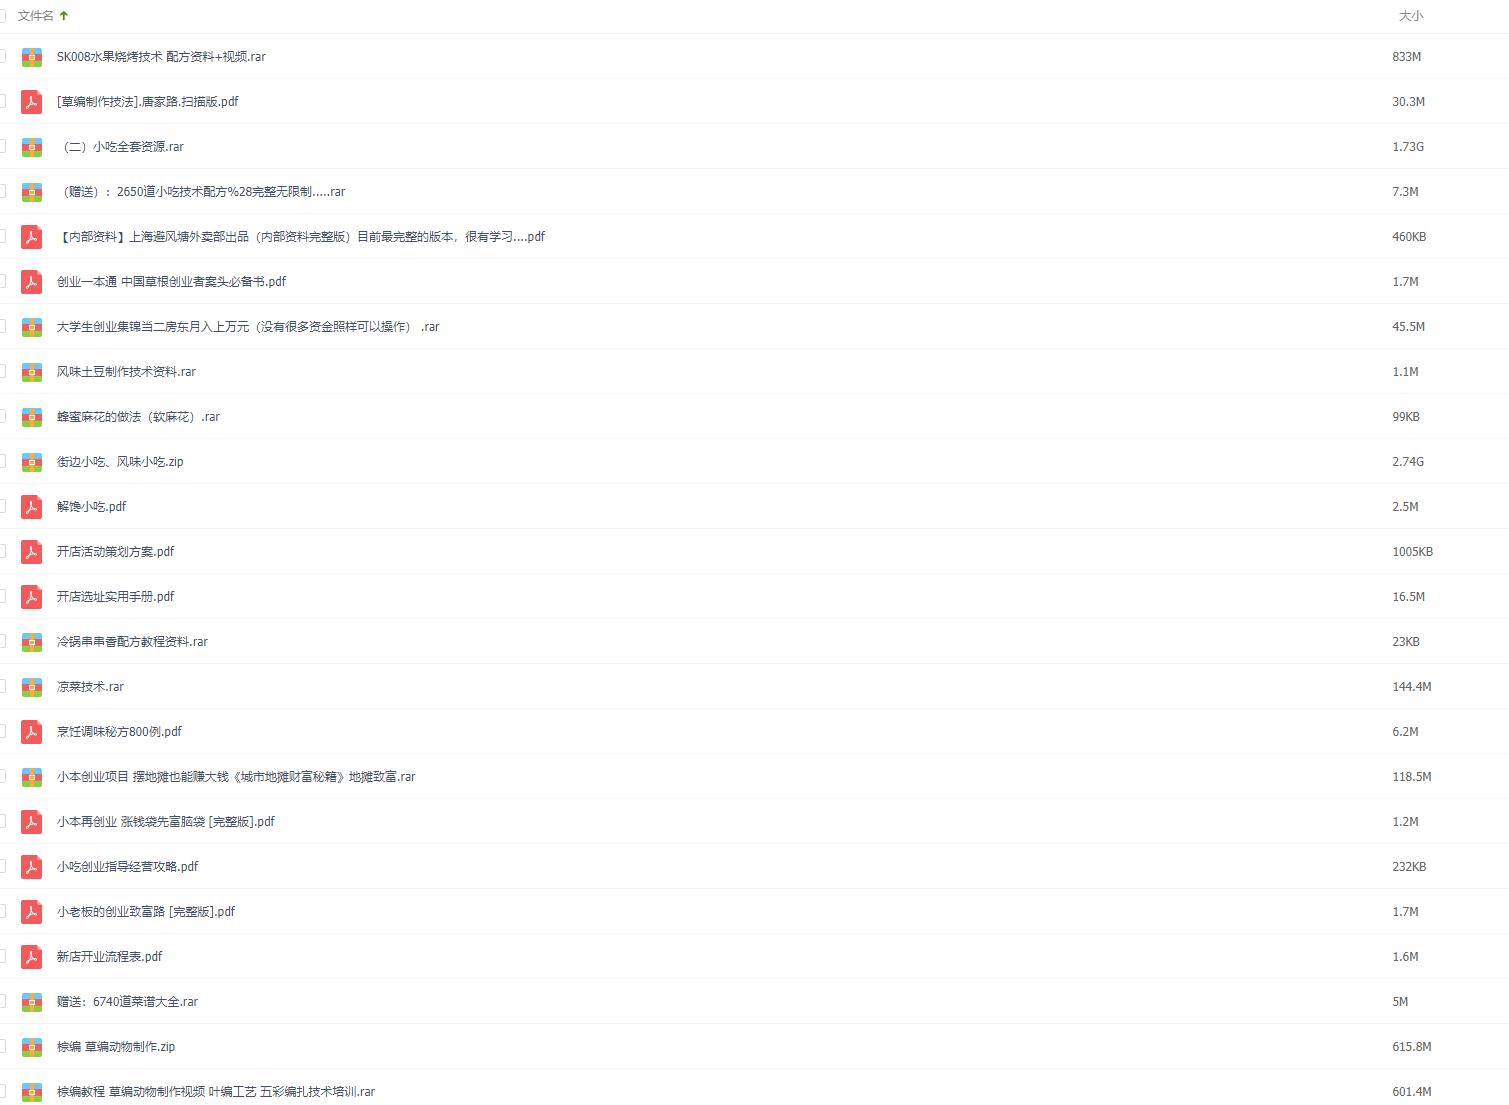 新手摆地摊教程摆地摊卖什么好最全资料包(100g+)